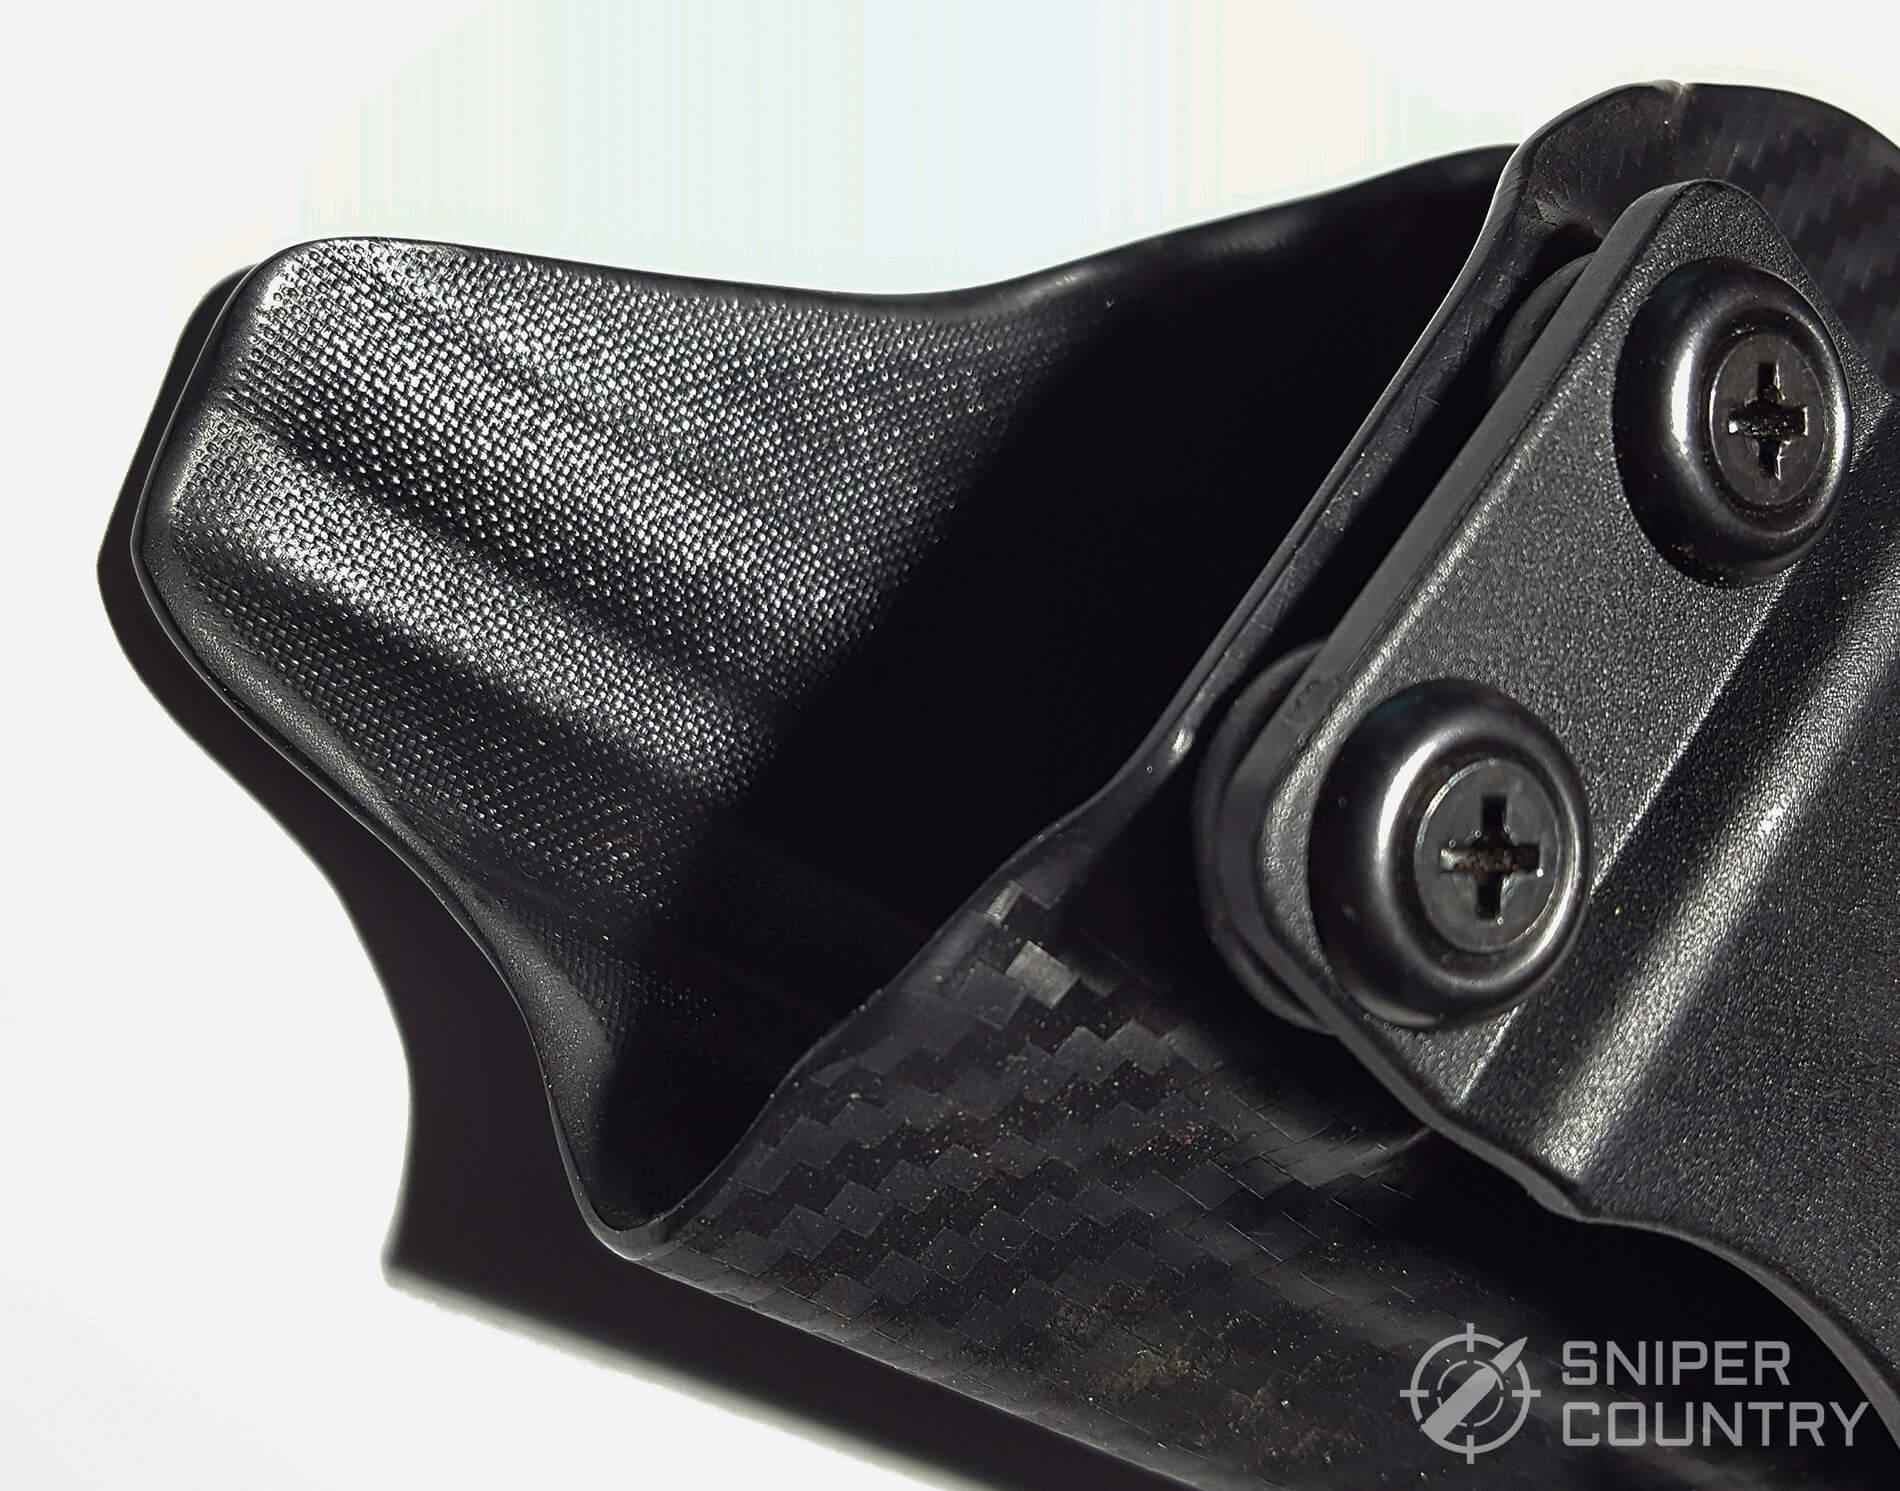 Concealment Exp G2C IWB sweatguard